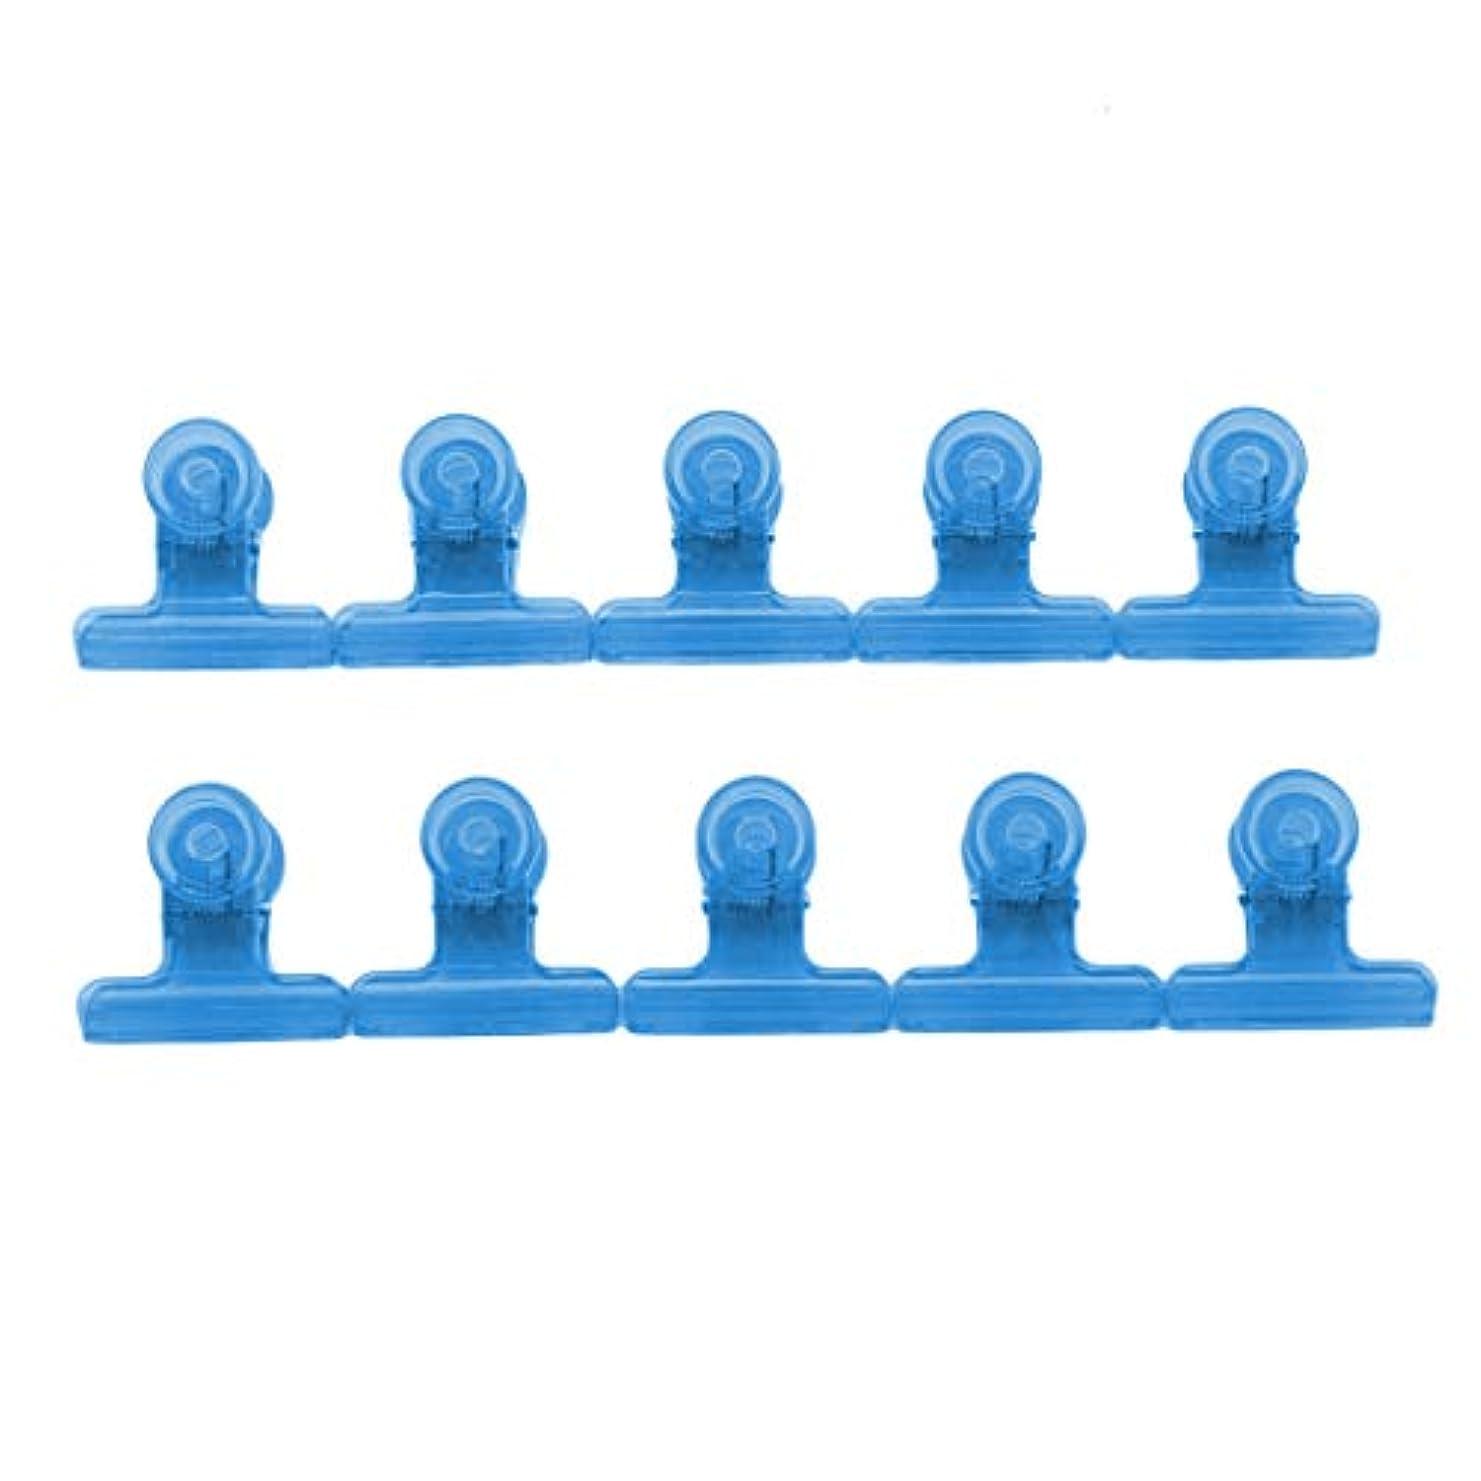 ブラインドおもしろいアラブサラボKLUMA ネイルアートクリップ ネイルクリップ ネイルプロテクター ネイルアートツール 滑り止め 再利用可能 10個セット ブルー